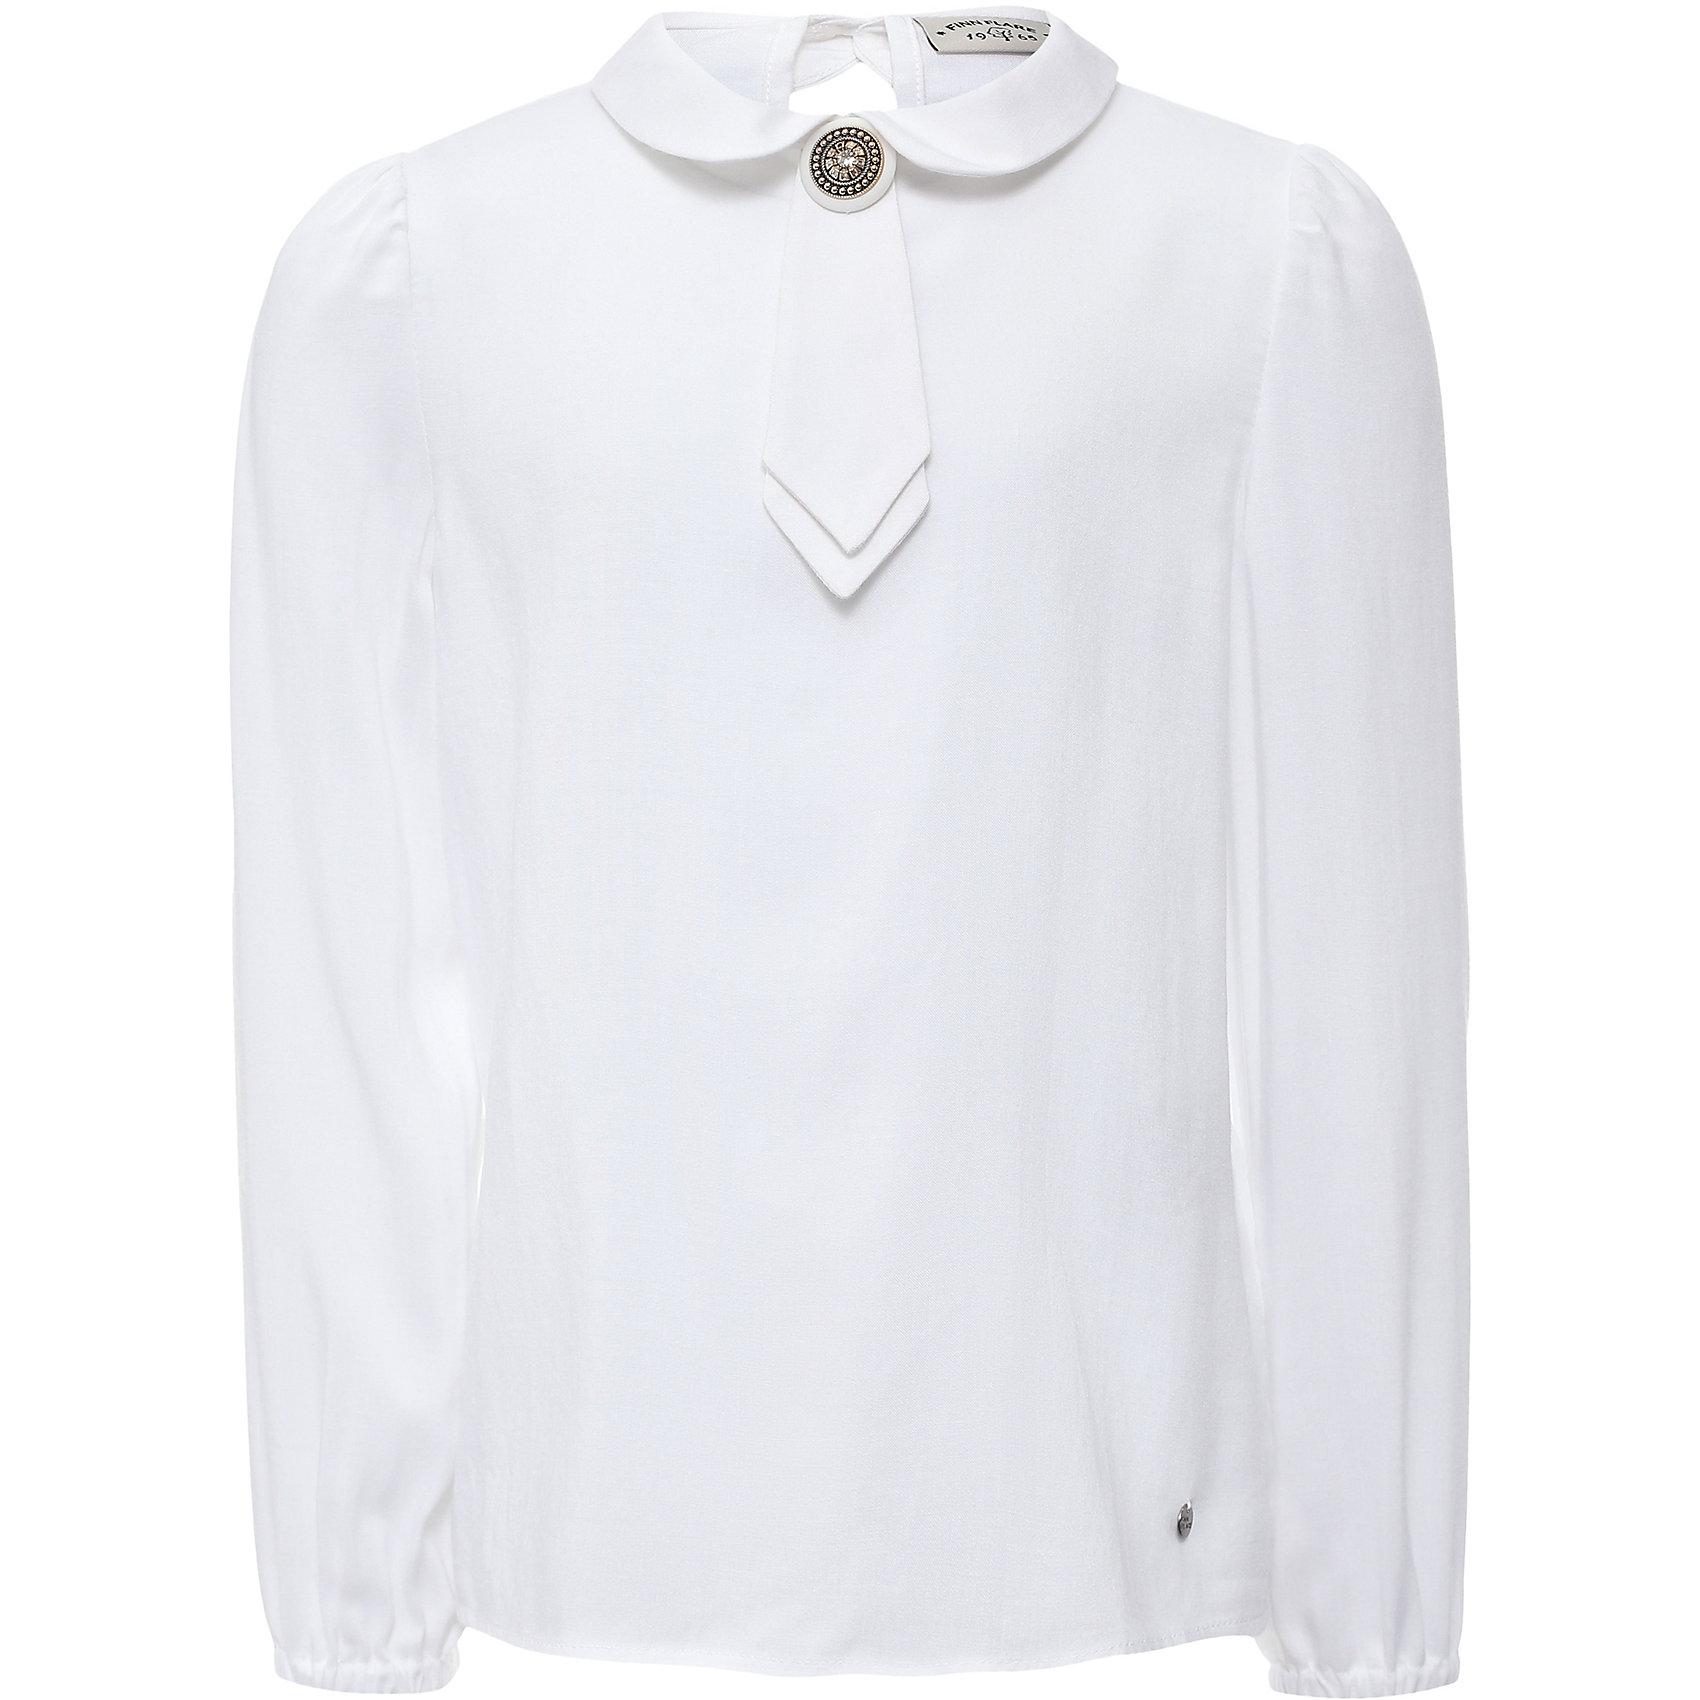 Блузка для девочки Finn FlareБлузки и рубашки<br>Блузка для девочки известной марки Finn Flare.<br><br>Школьная блузка для девочки декорирована галстуком в тон блузки, имеет длинные рукава на резиночках. Блузка застегивается сзади, есть пуговичка на воротничке. Блузка сочетается с юбками и брюками, можно носить навыпуск или заправлять. <br><br>Фактура материала: Текстильный<br>Вид застежки: Пуговицы<br>Длина рукава: Длинные<br>Тип карманов: Без карманов<br><br>Состав: 95% вискоза, 5% эластан<br><br>Блузку для девочки Finn Flare можно купить в нашем интернет-магазине.<br><br>Ширина мм: 186<br>Глубина мм: 87<br>Высота мм: 198<br>Вес г: 197<br>Цвет: белый<br>Возраст от месяцев: 108<br>Возраст до месяцев: 120<br>Пол: Женский<br>Возраст: Детский<br>Размер: 140,122,128,134,146,152,158,116<br>SKU: 4890239